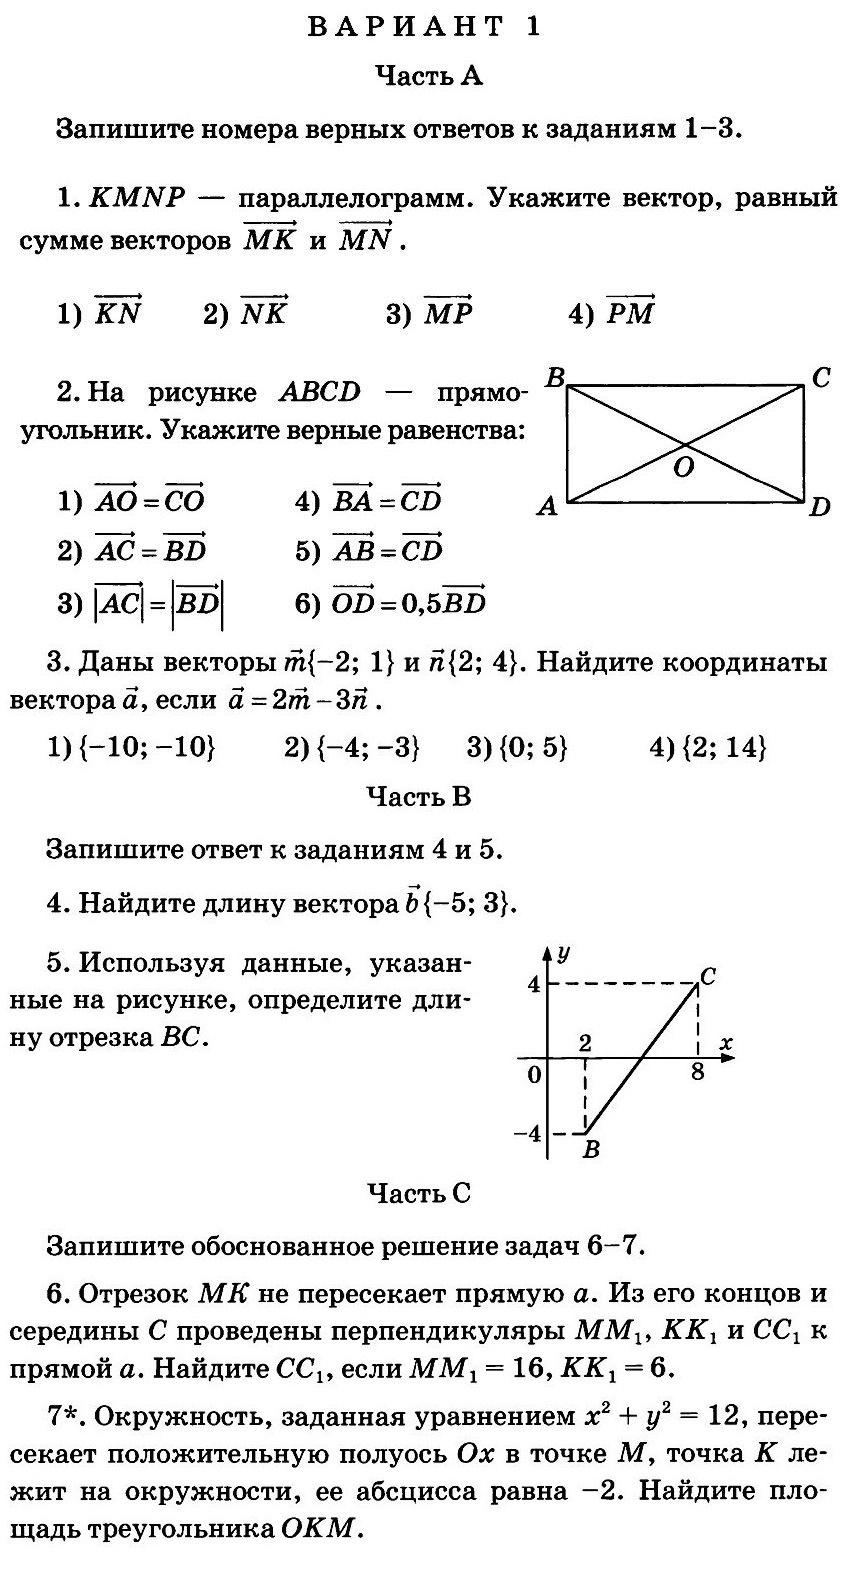 Контрольная работа 1 «Векторы. Метод координат» по геометрии в 9 классе